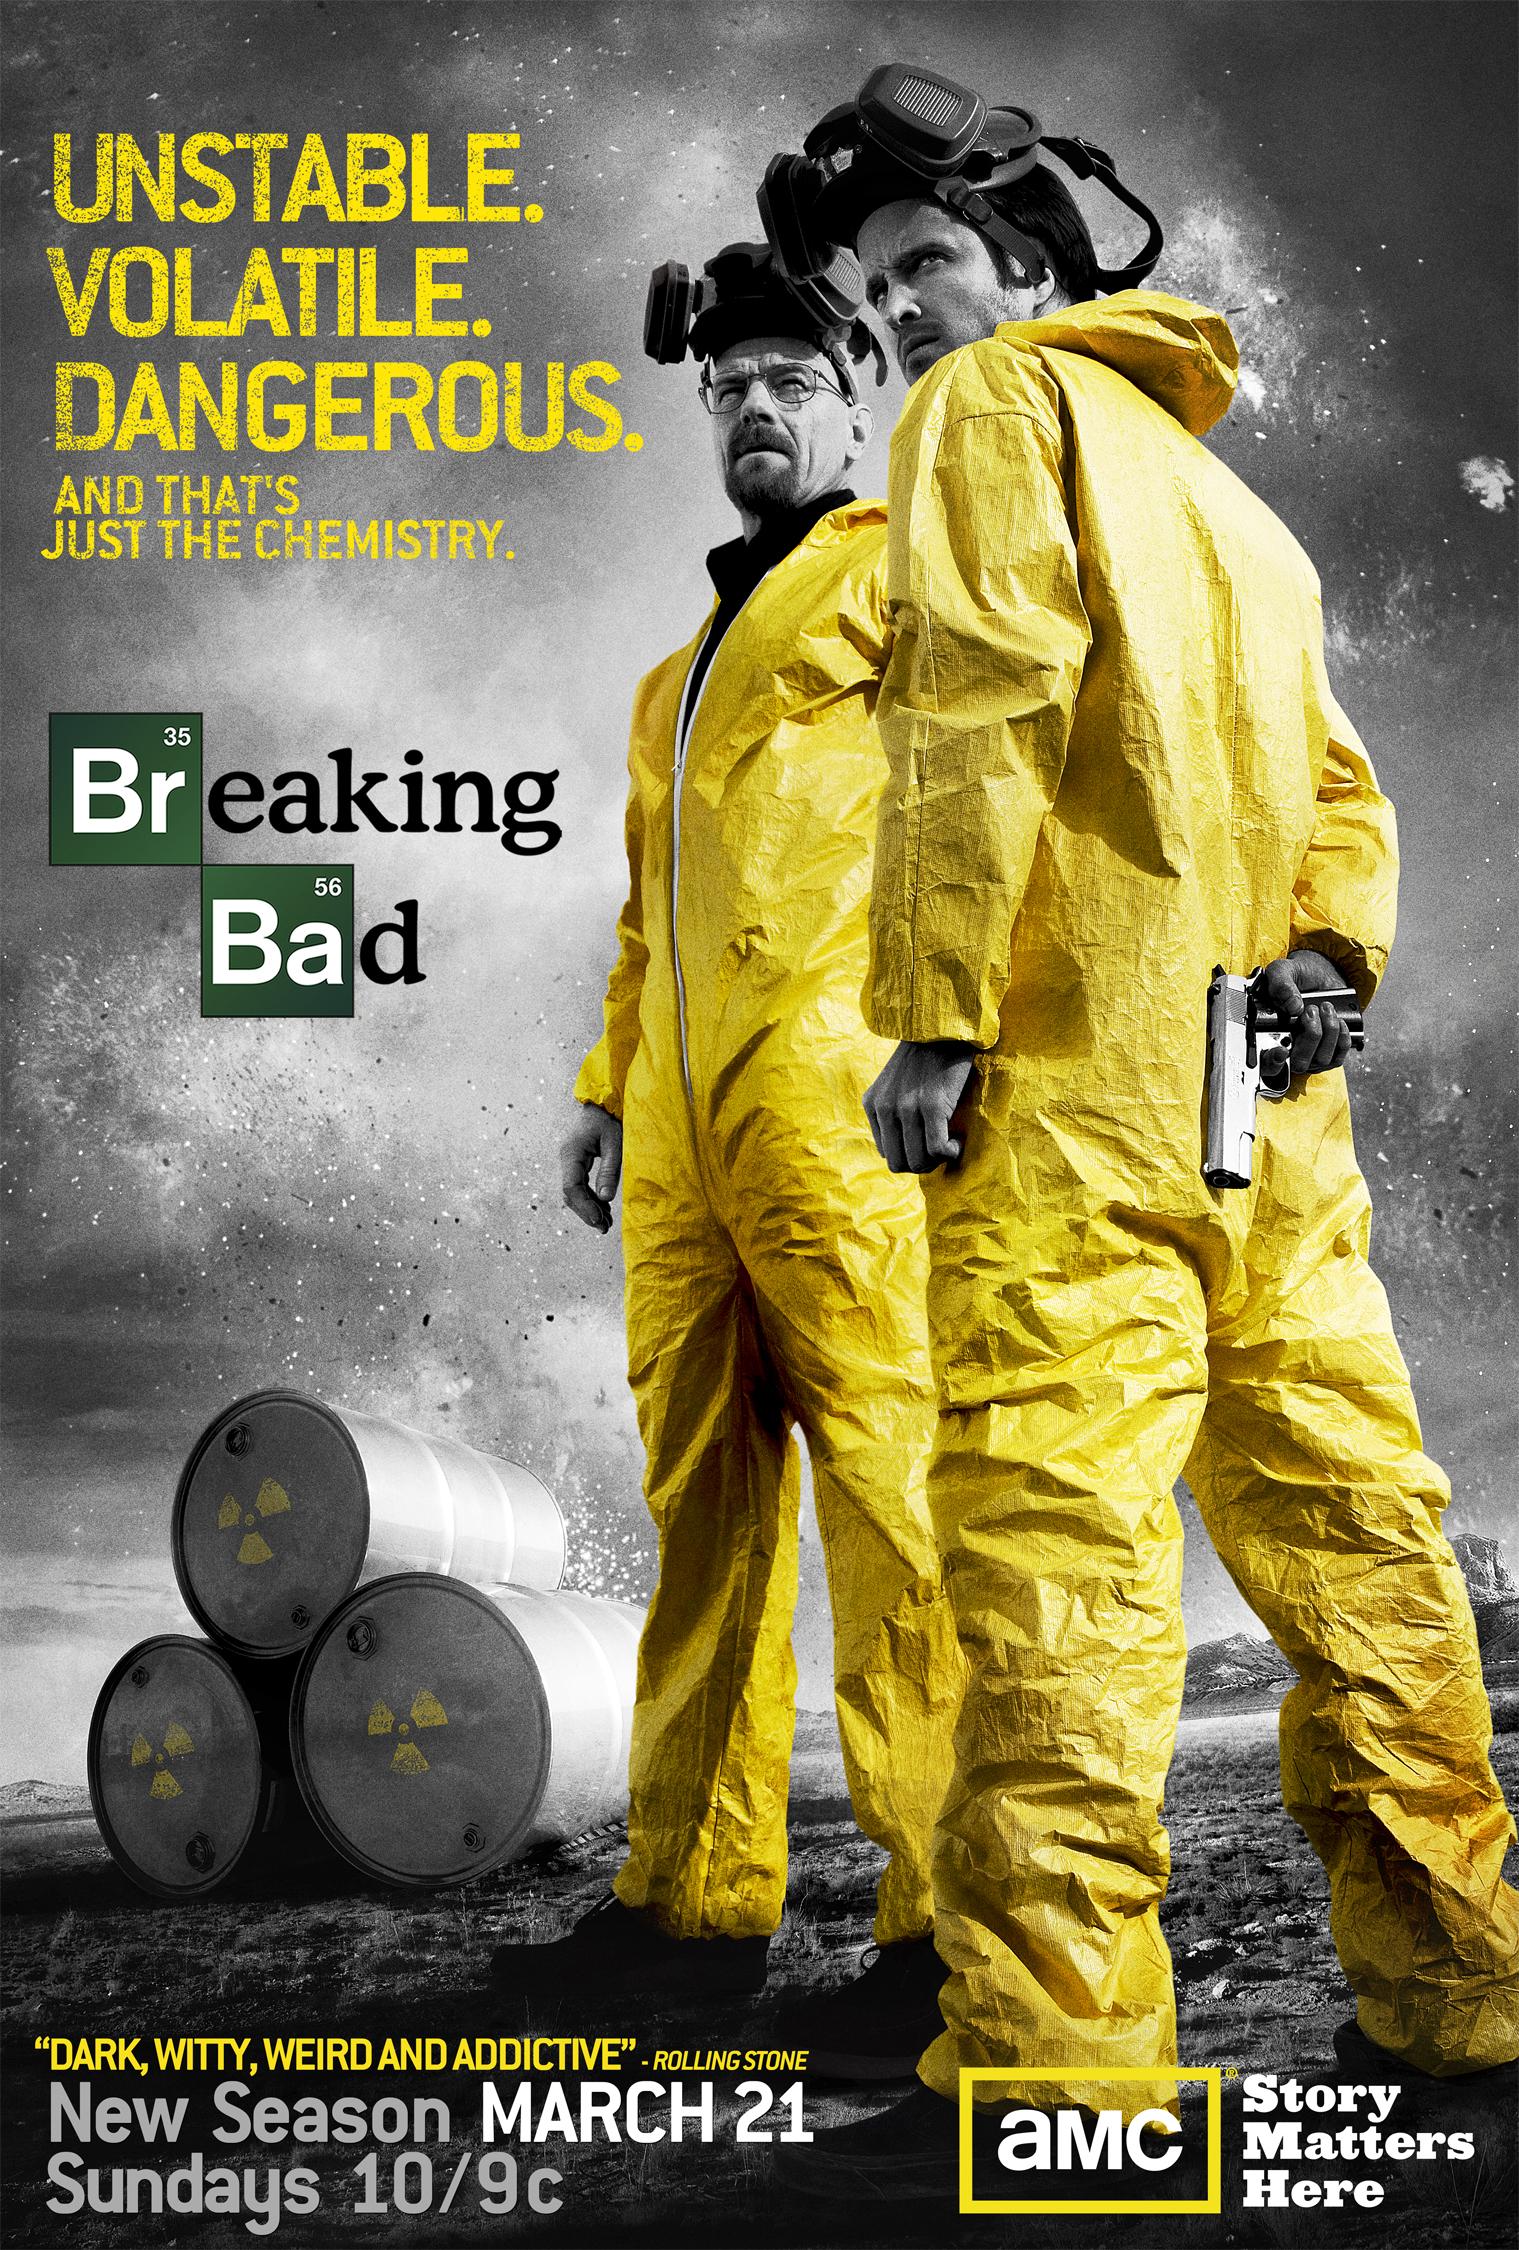 مسلسل Breaking Bad الموسم الثالث مترجم مشاهدة اون لاين و تحميل  Latest?cb=20100330051000